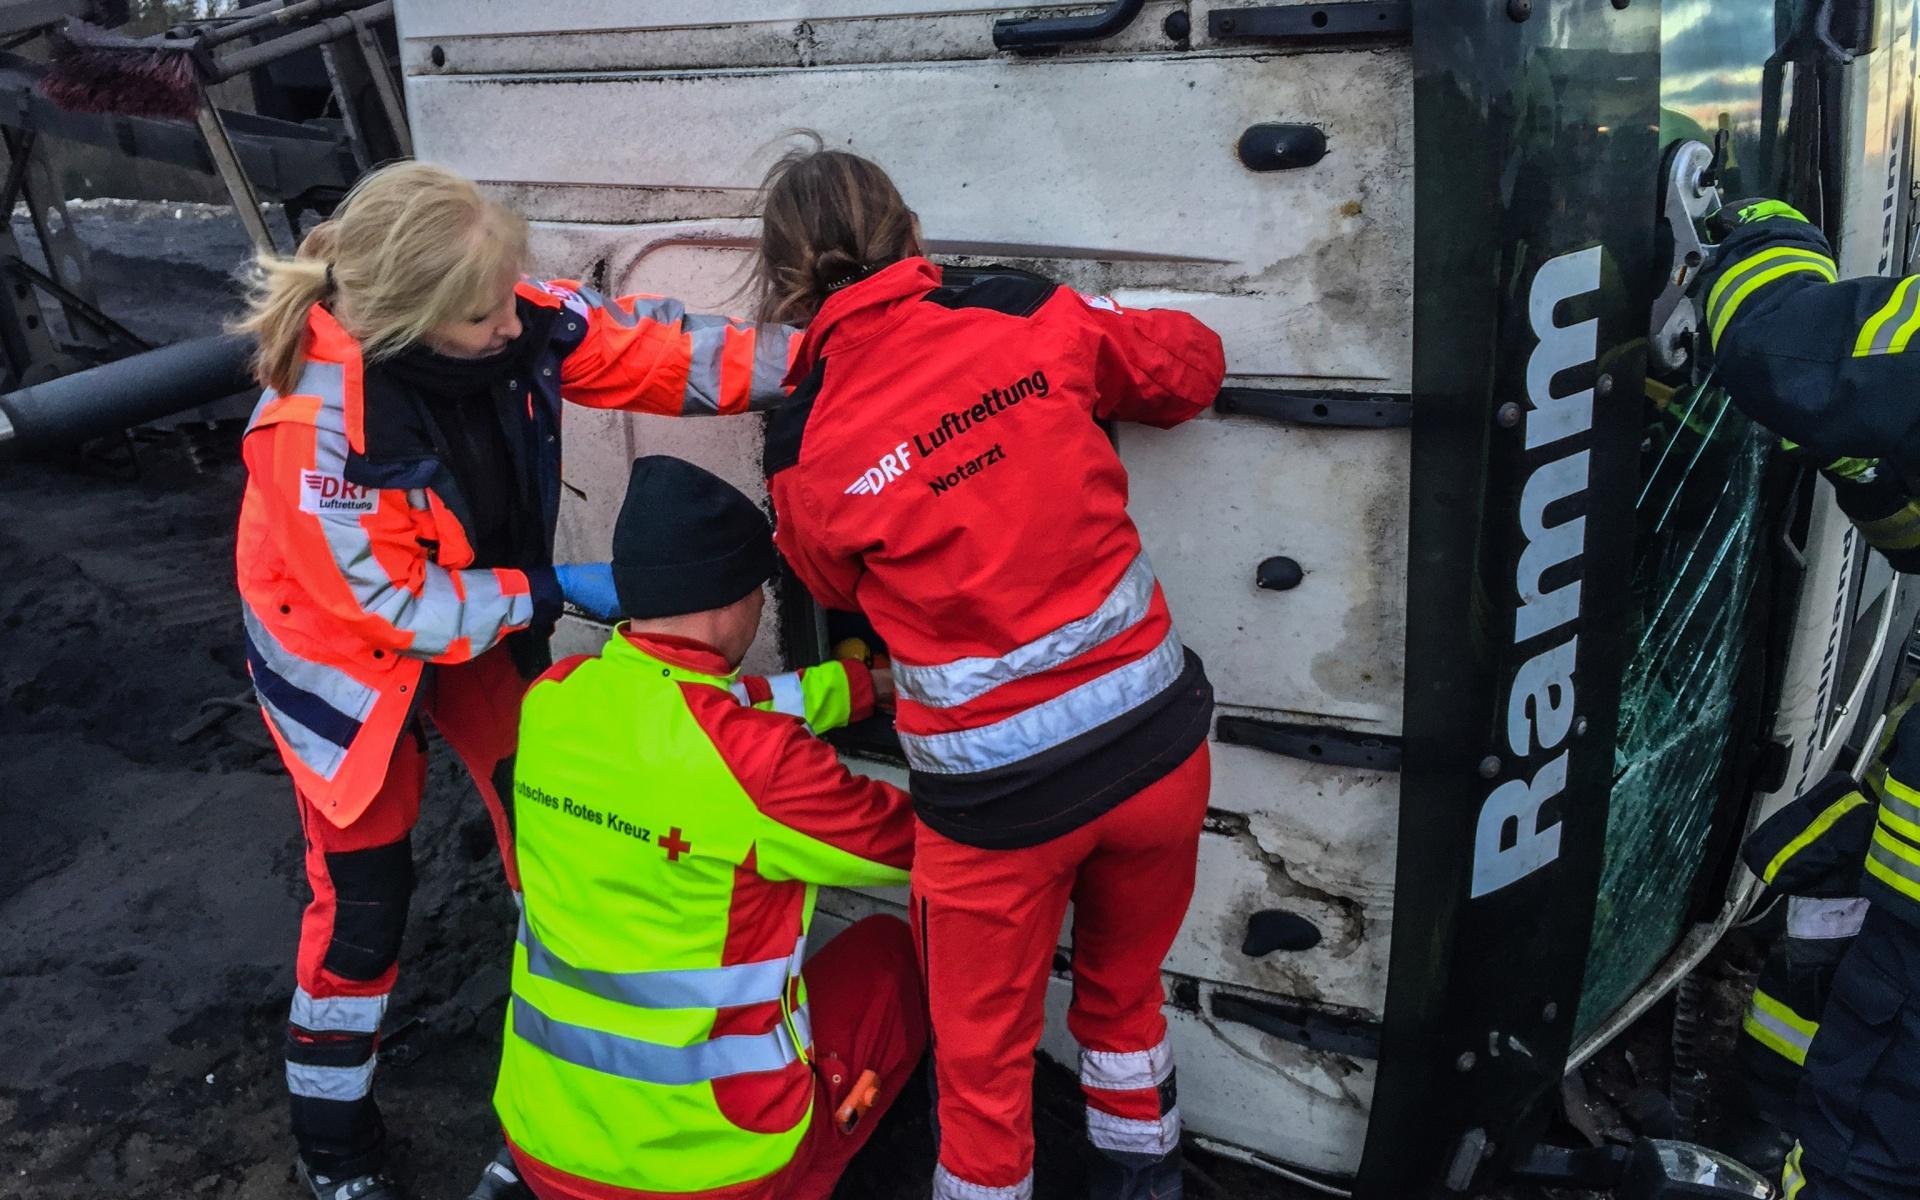 Mit vereinten Kräften kümmern sich die Greifswalder Lufretter, der bodengebundene Rettungsdienst und die Feuerwehr um den Patienten.